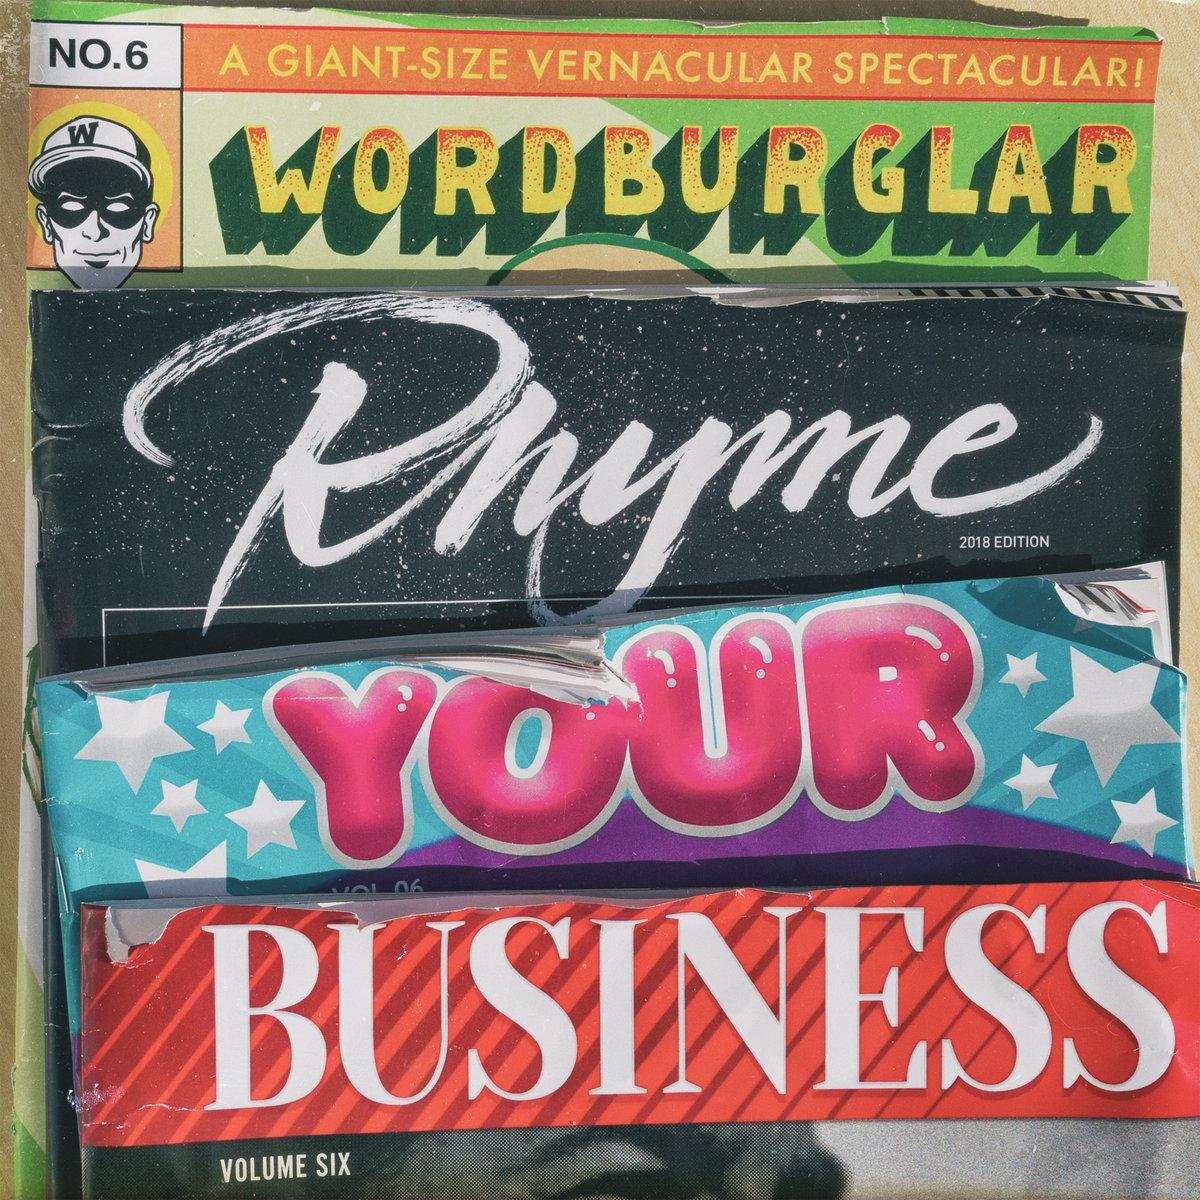 rhyme your business wordburglar